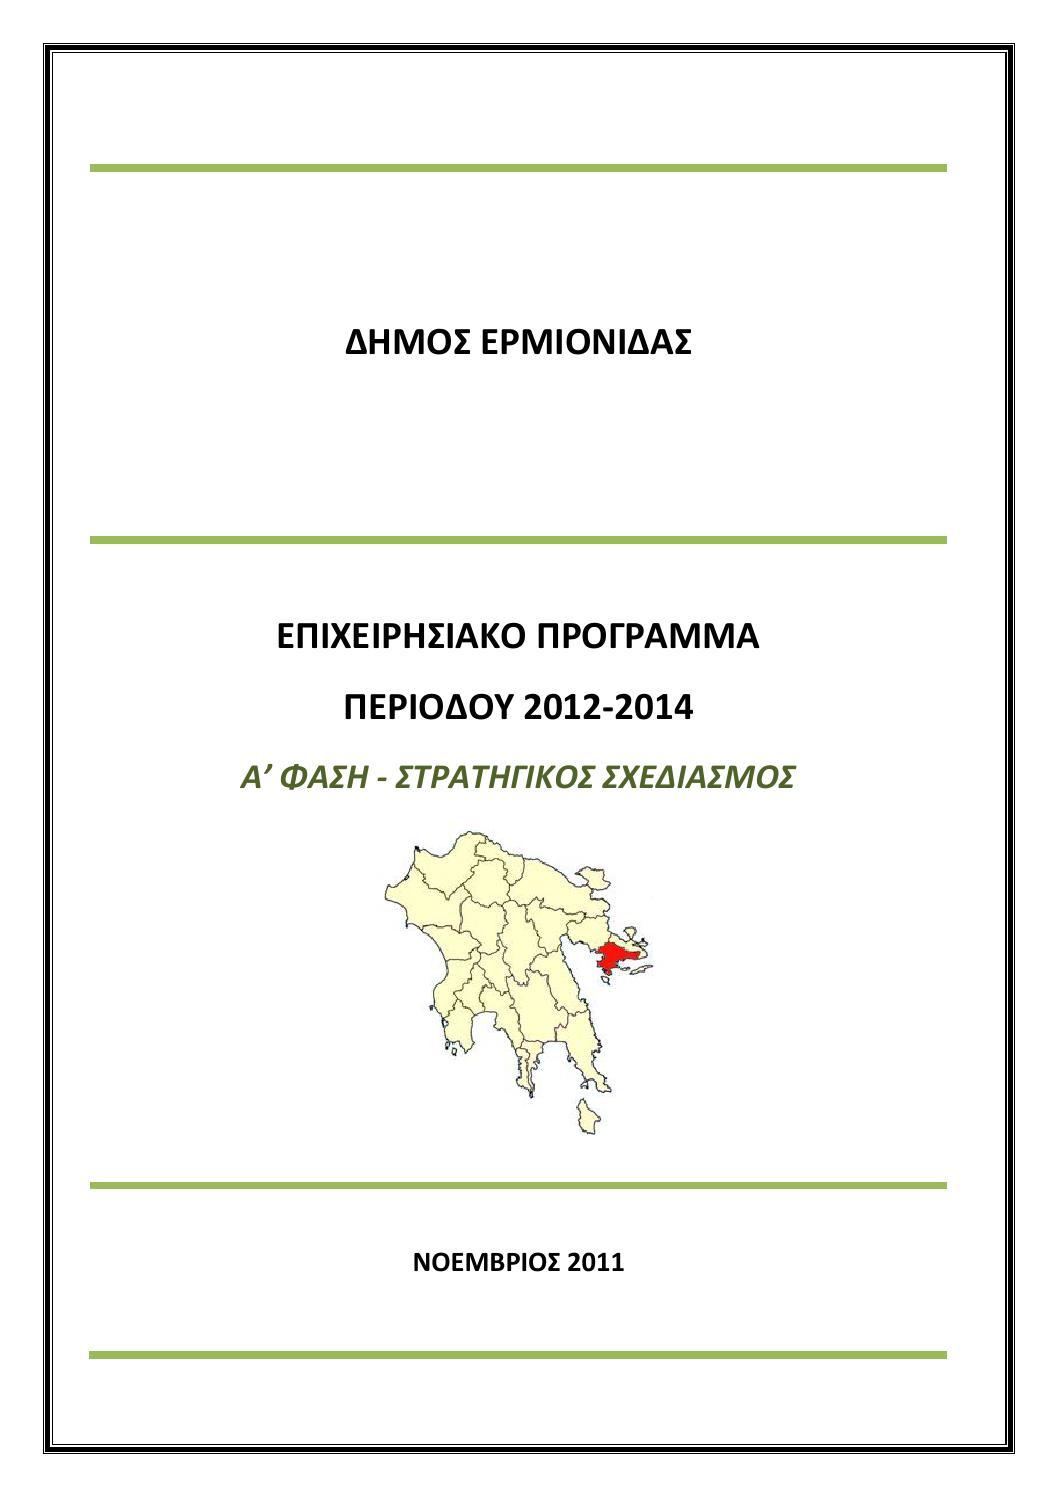 5359f16c6b Δ ερμιονιδασ επιχειρησιακο προγραμμα 2012 14 στρατηγικοσ σχεδιασμοσ final 2  by makis katsaitis - issuu